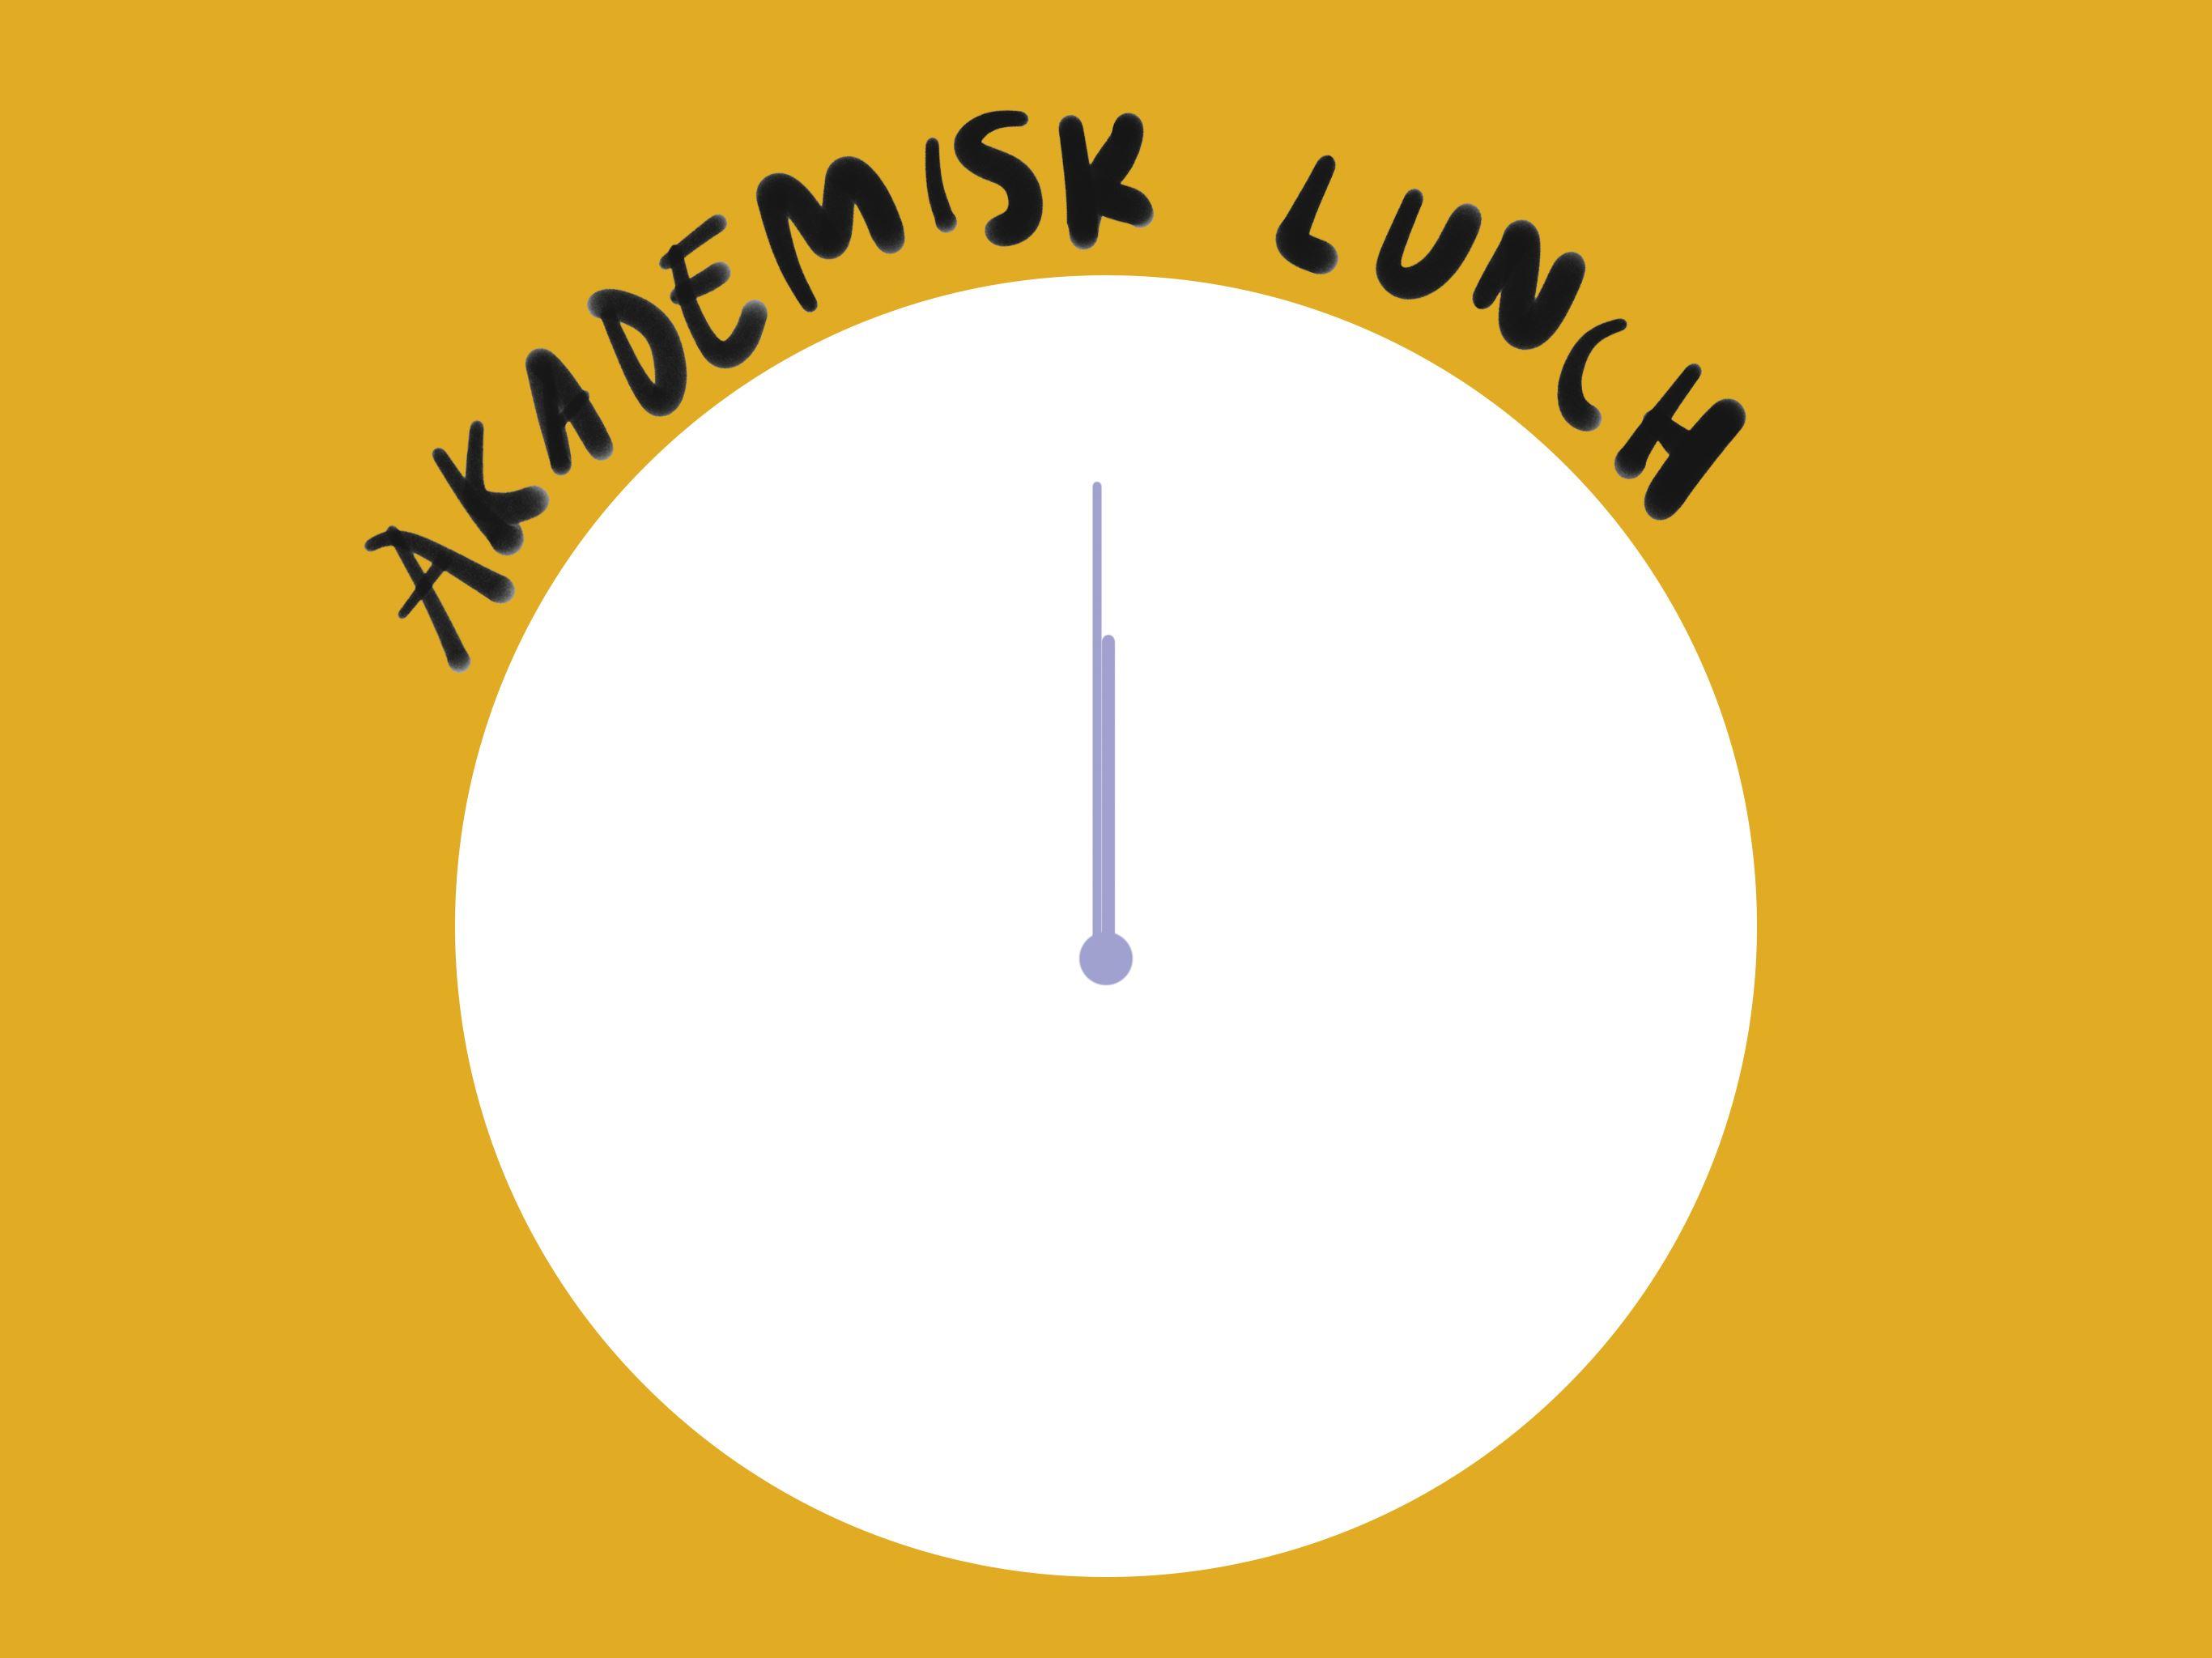 Akademisk lunch - Ska vi ha klimatångest eller finns där hopp?